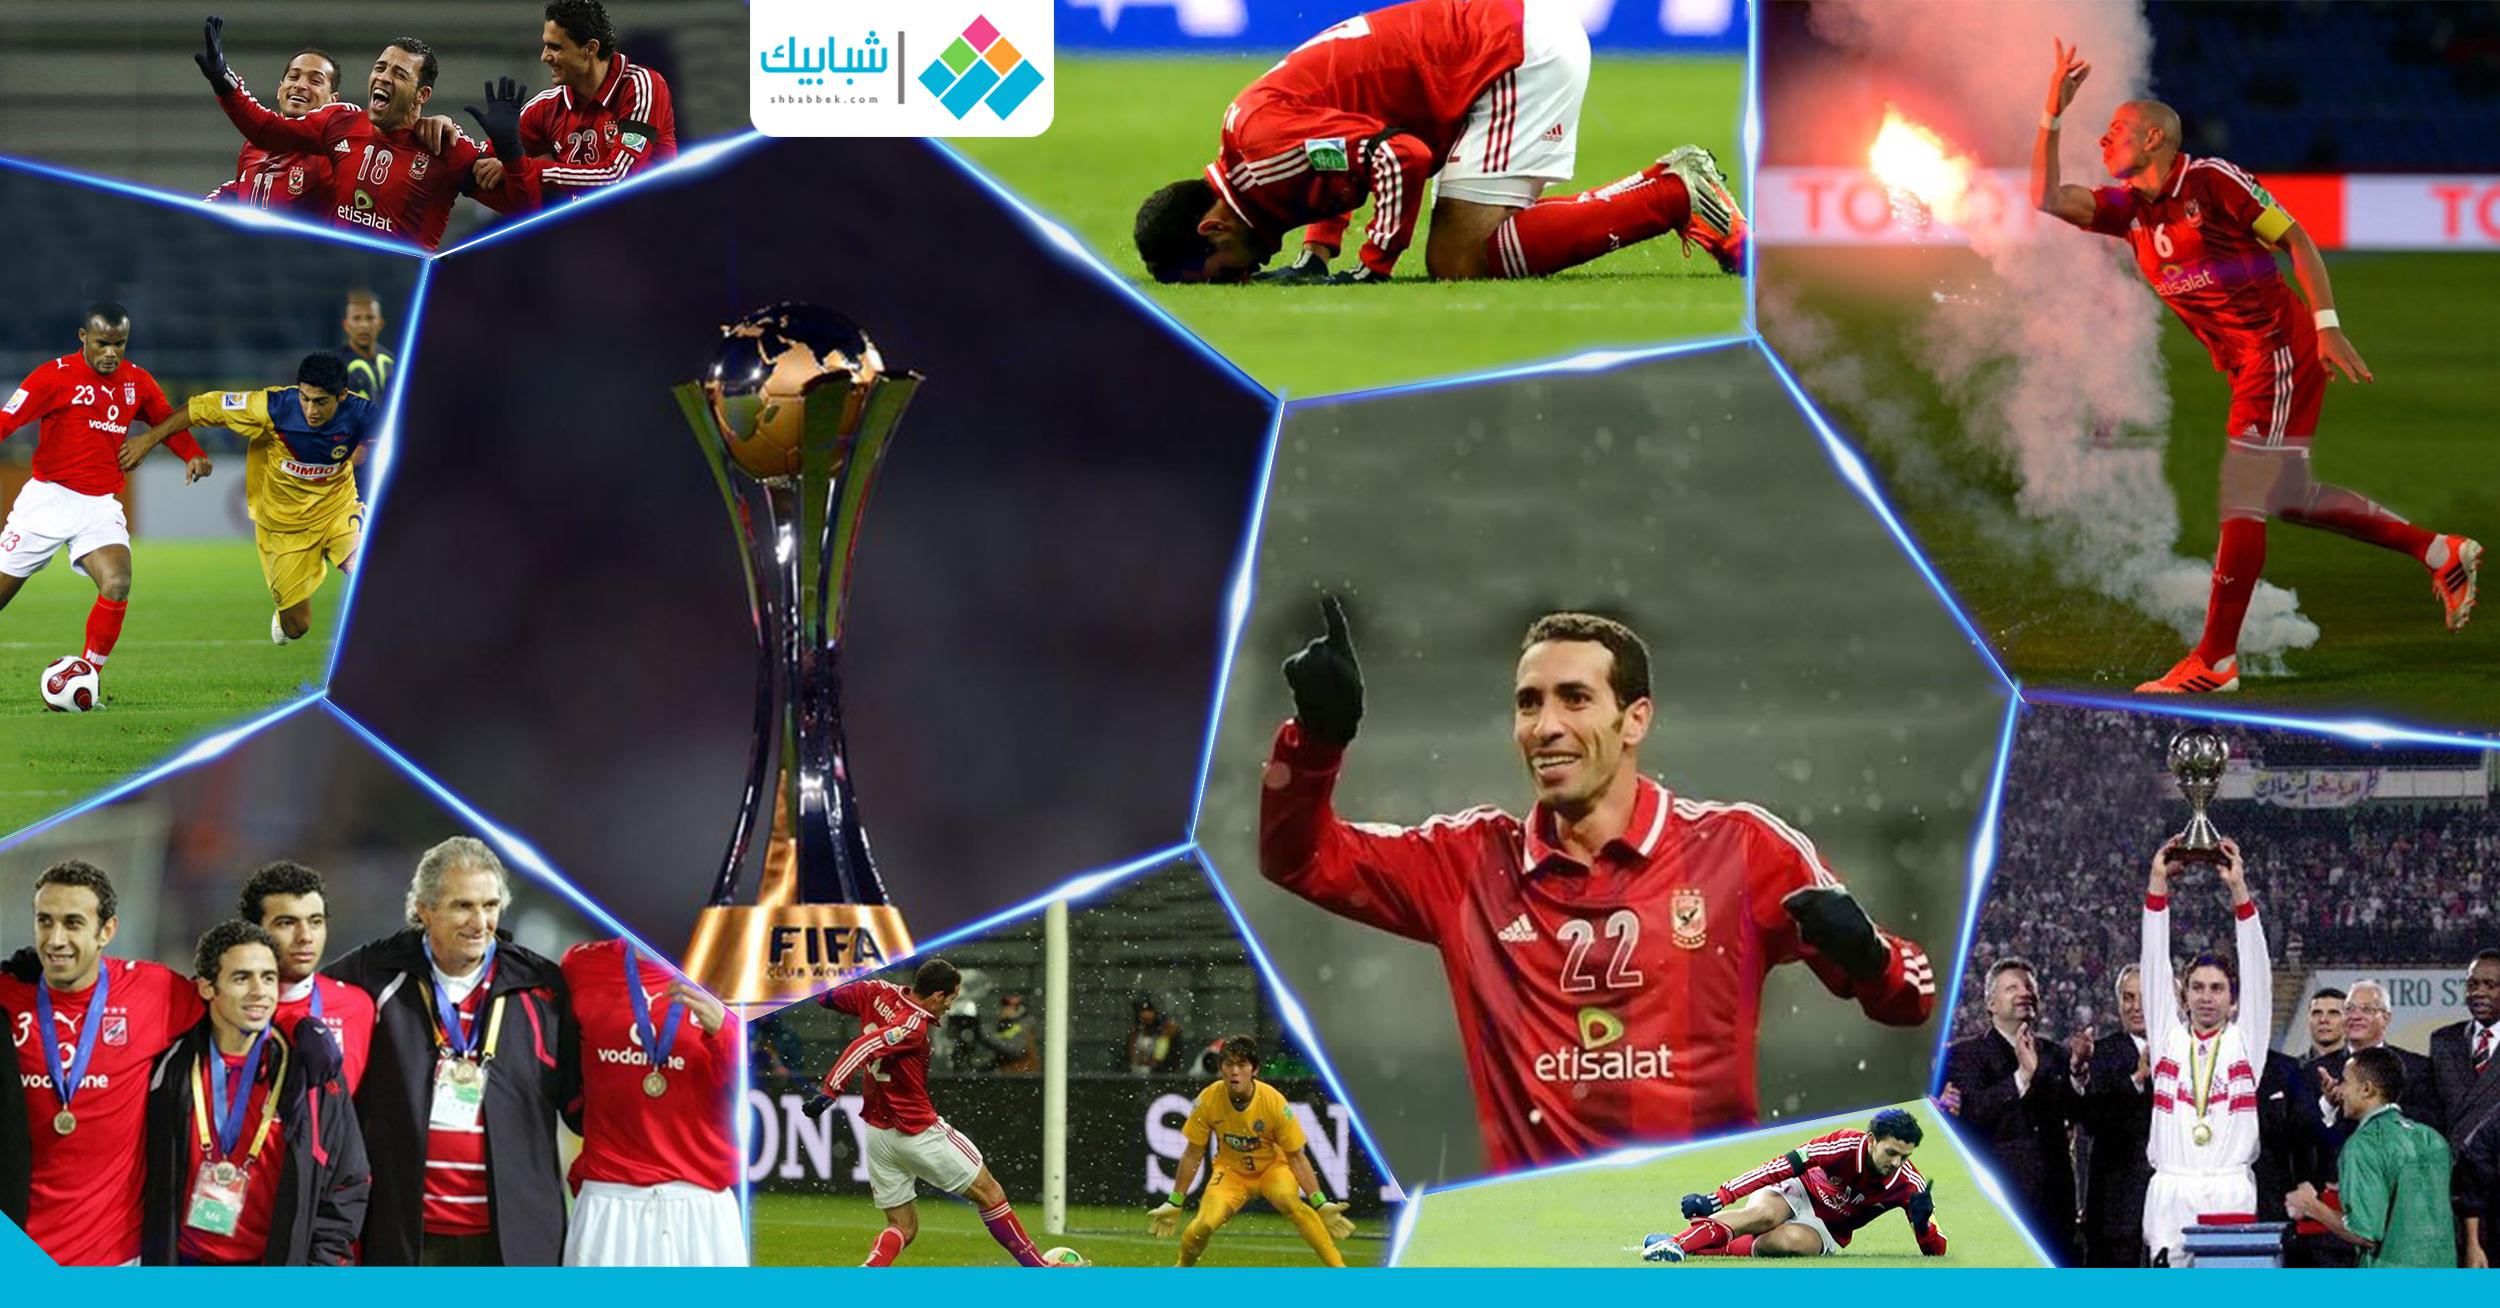 الصفحة الرسمية للنادى الأهلي تحتفل بذكرى برونزية كأس العالم للأندية اليابان 2006